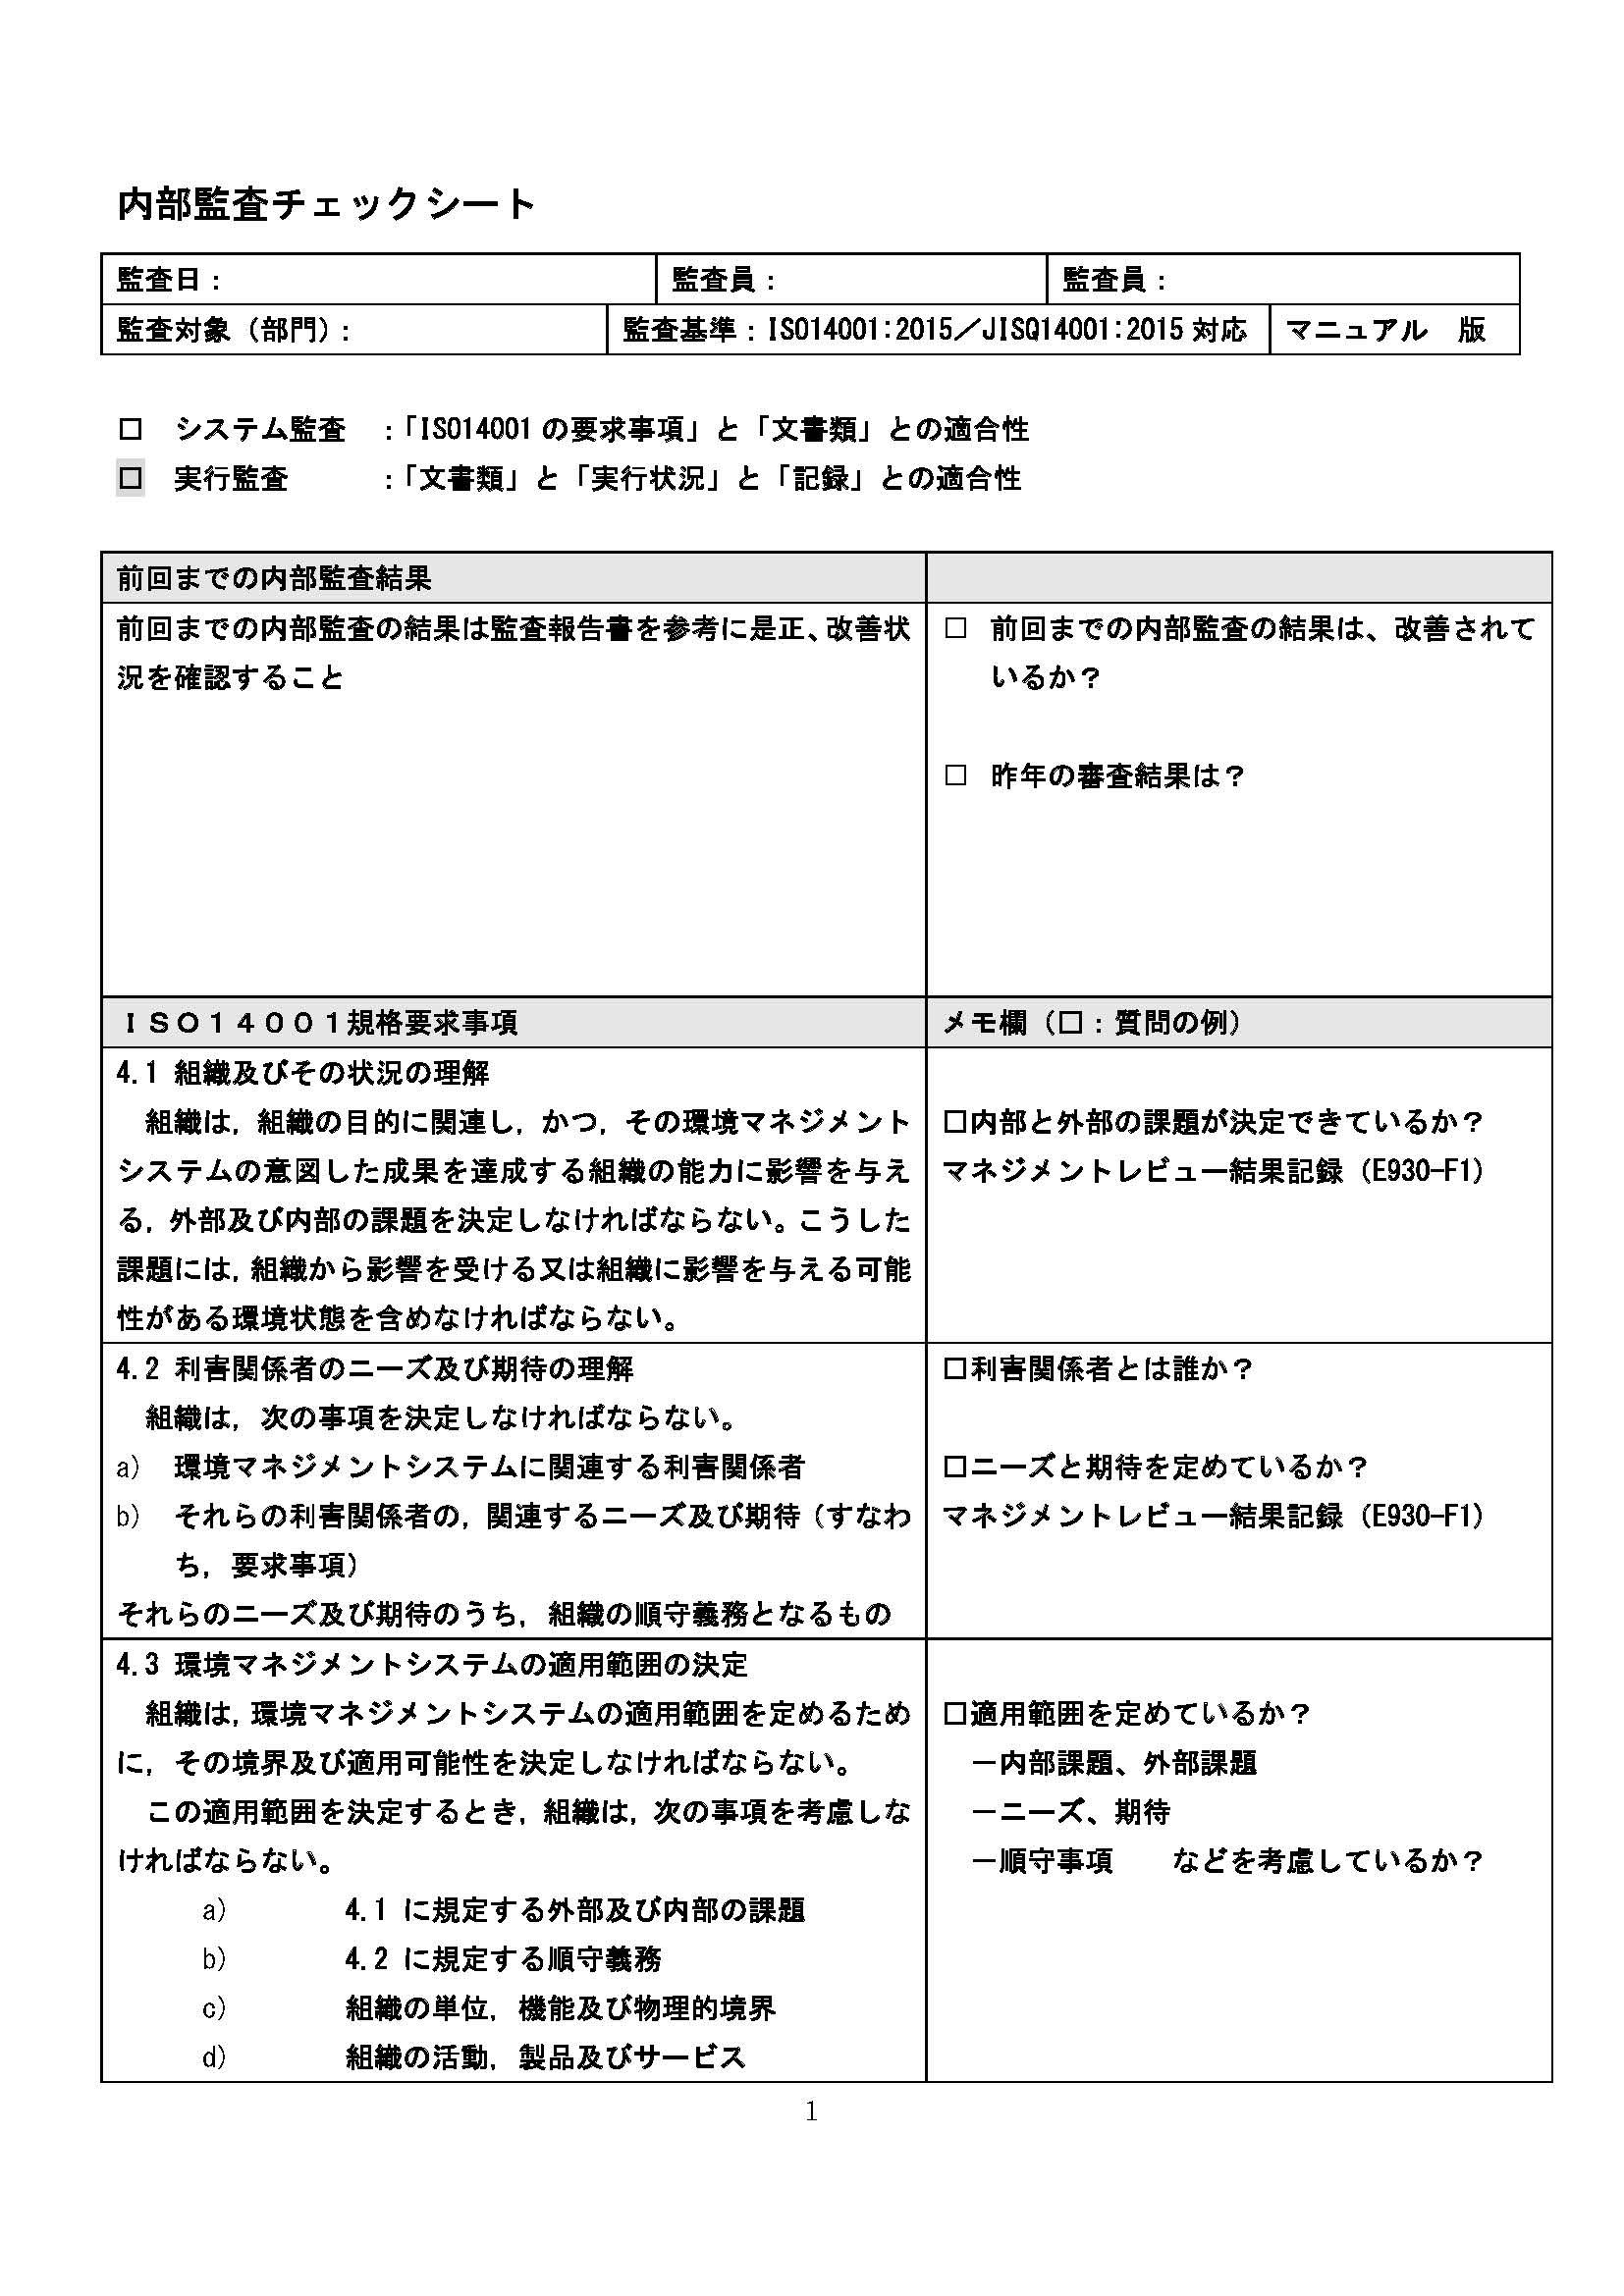 内部監査チェックシート(2015年版)